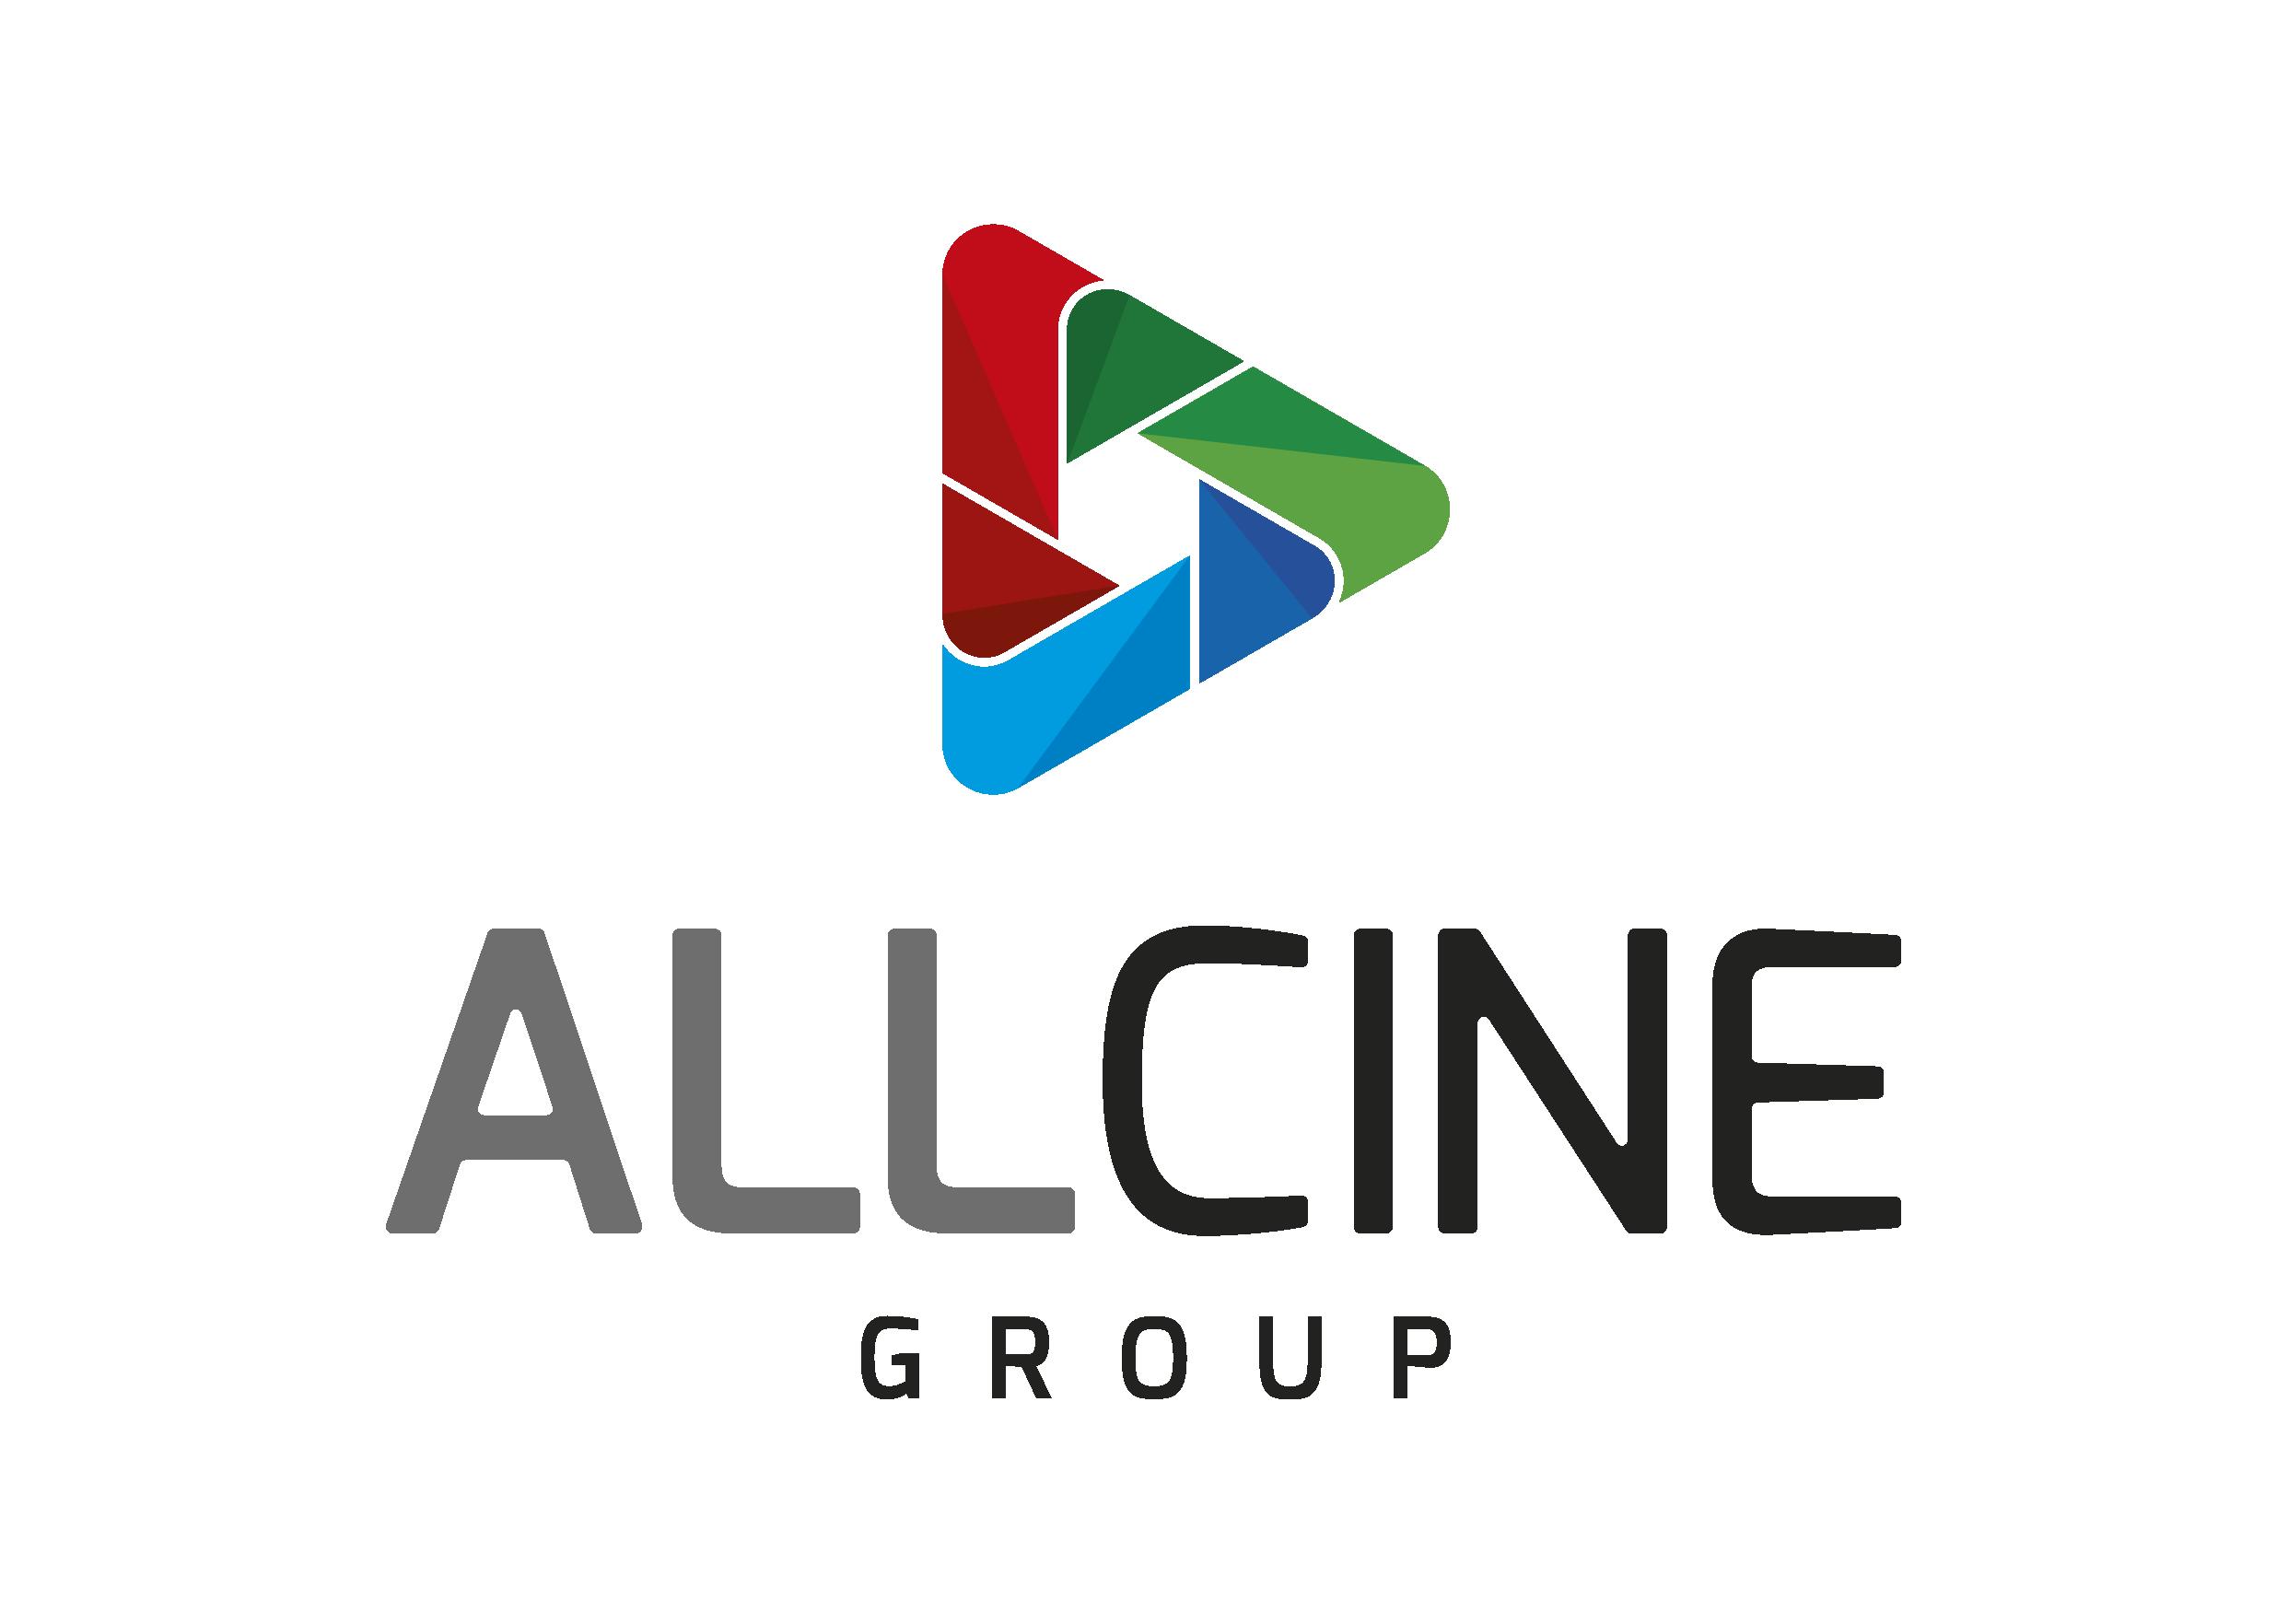 ALLCINE_Prancheta 1